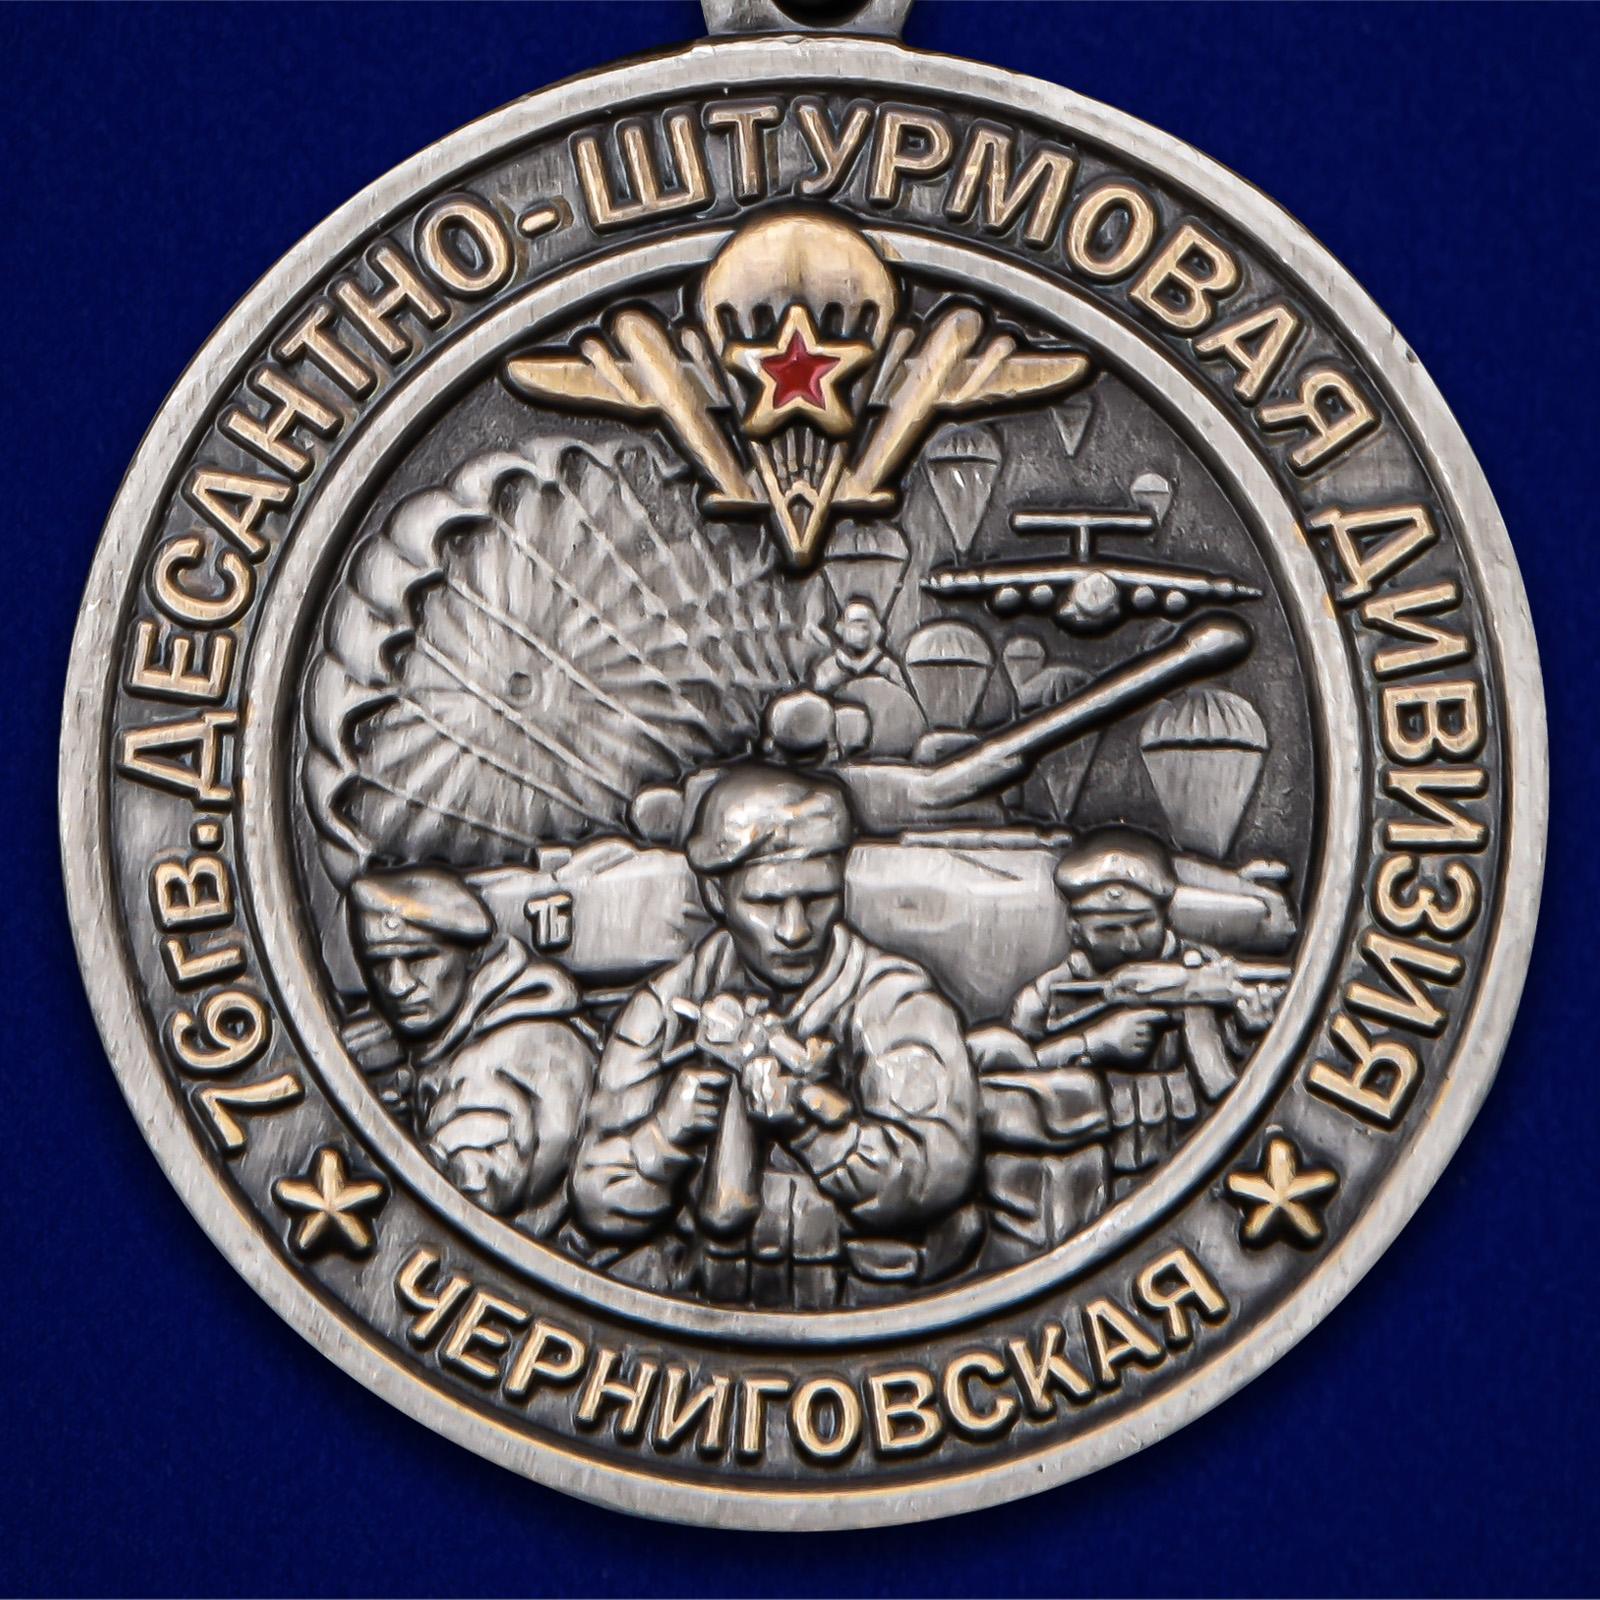 Памятная медаль 76-я гв. Десантно-штурмовая дивизия